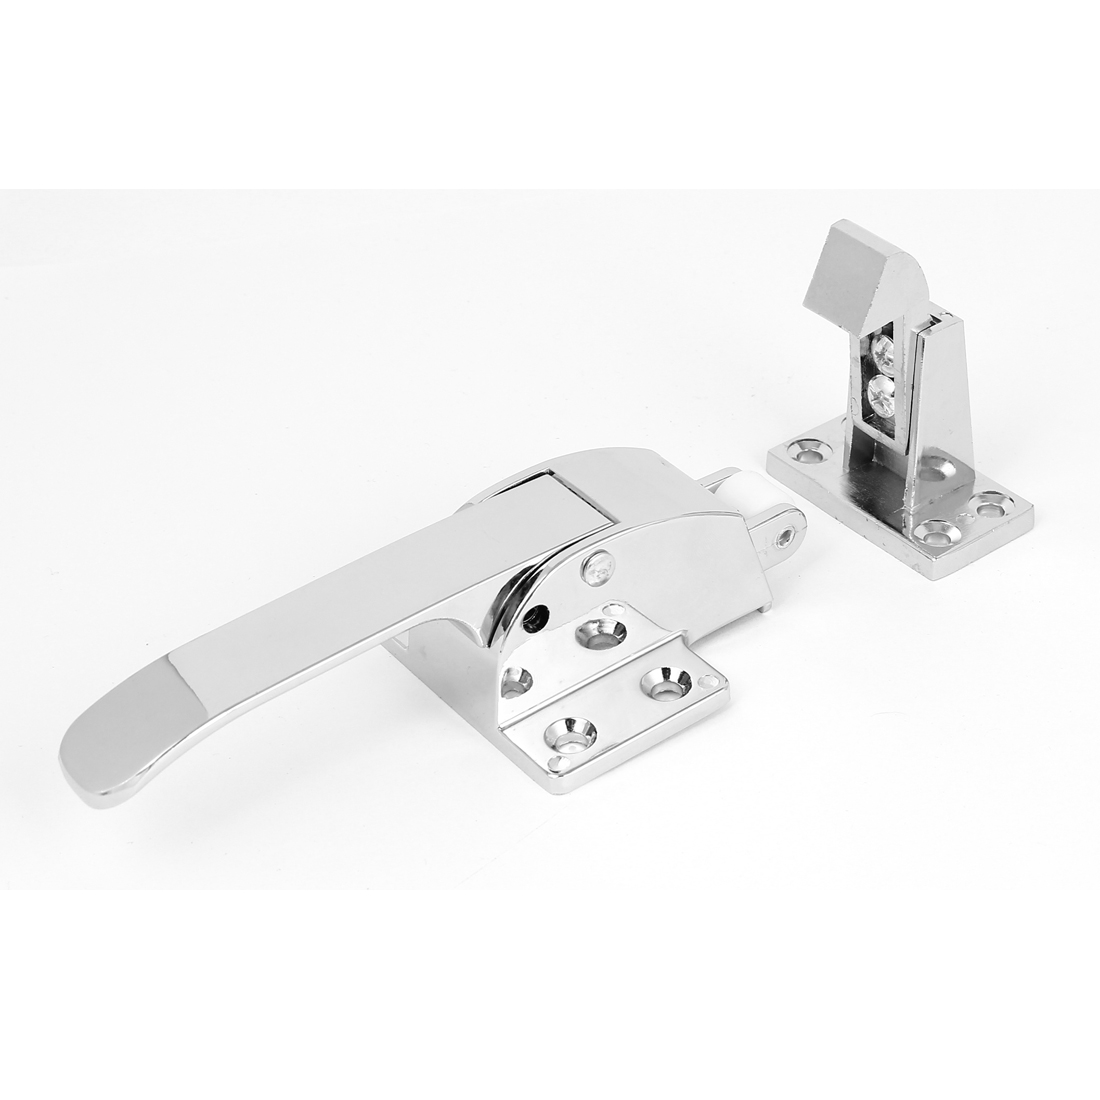 Adjustable Latch Spring Loaded Walk In Freezer Cooler Door Handle Grip Hardware<br><br>Aliexpress